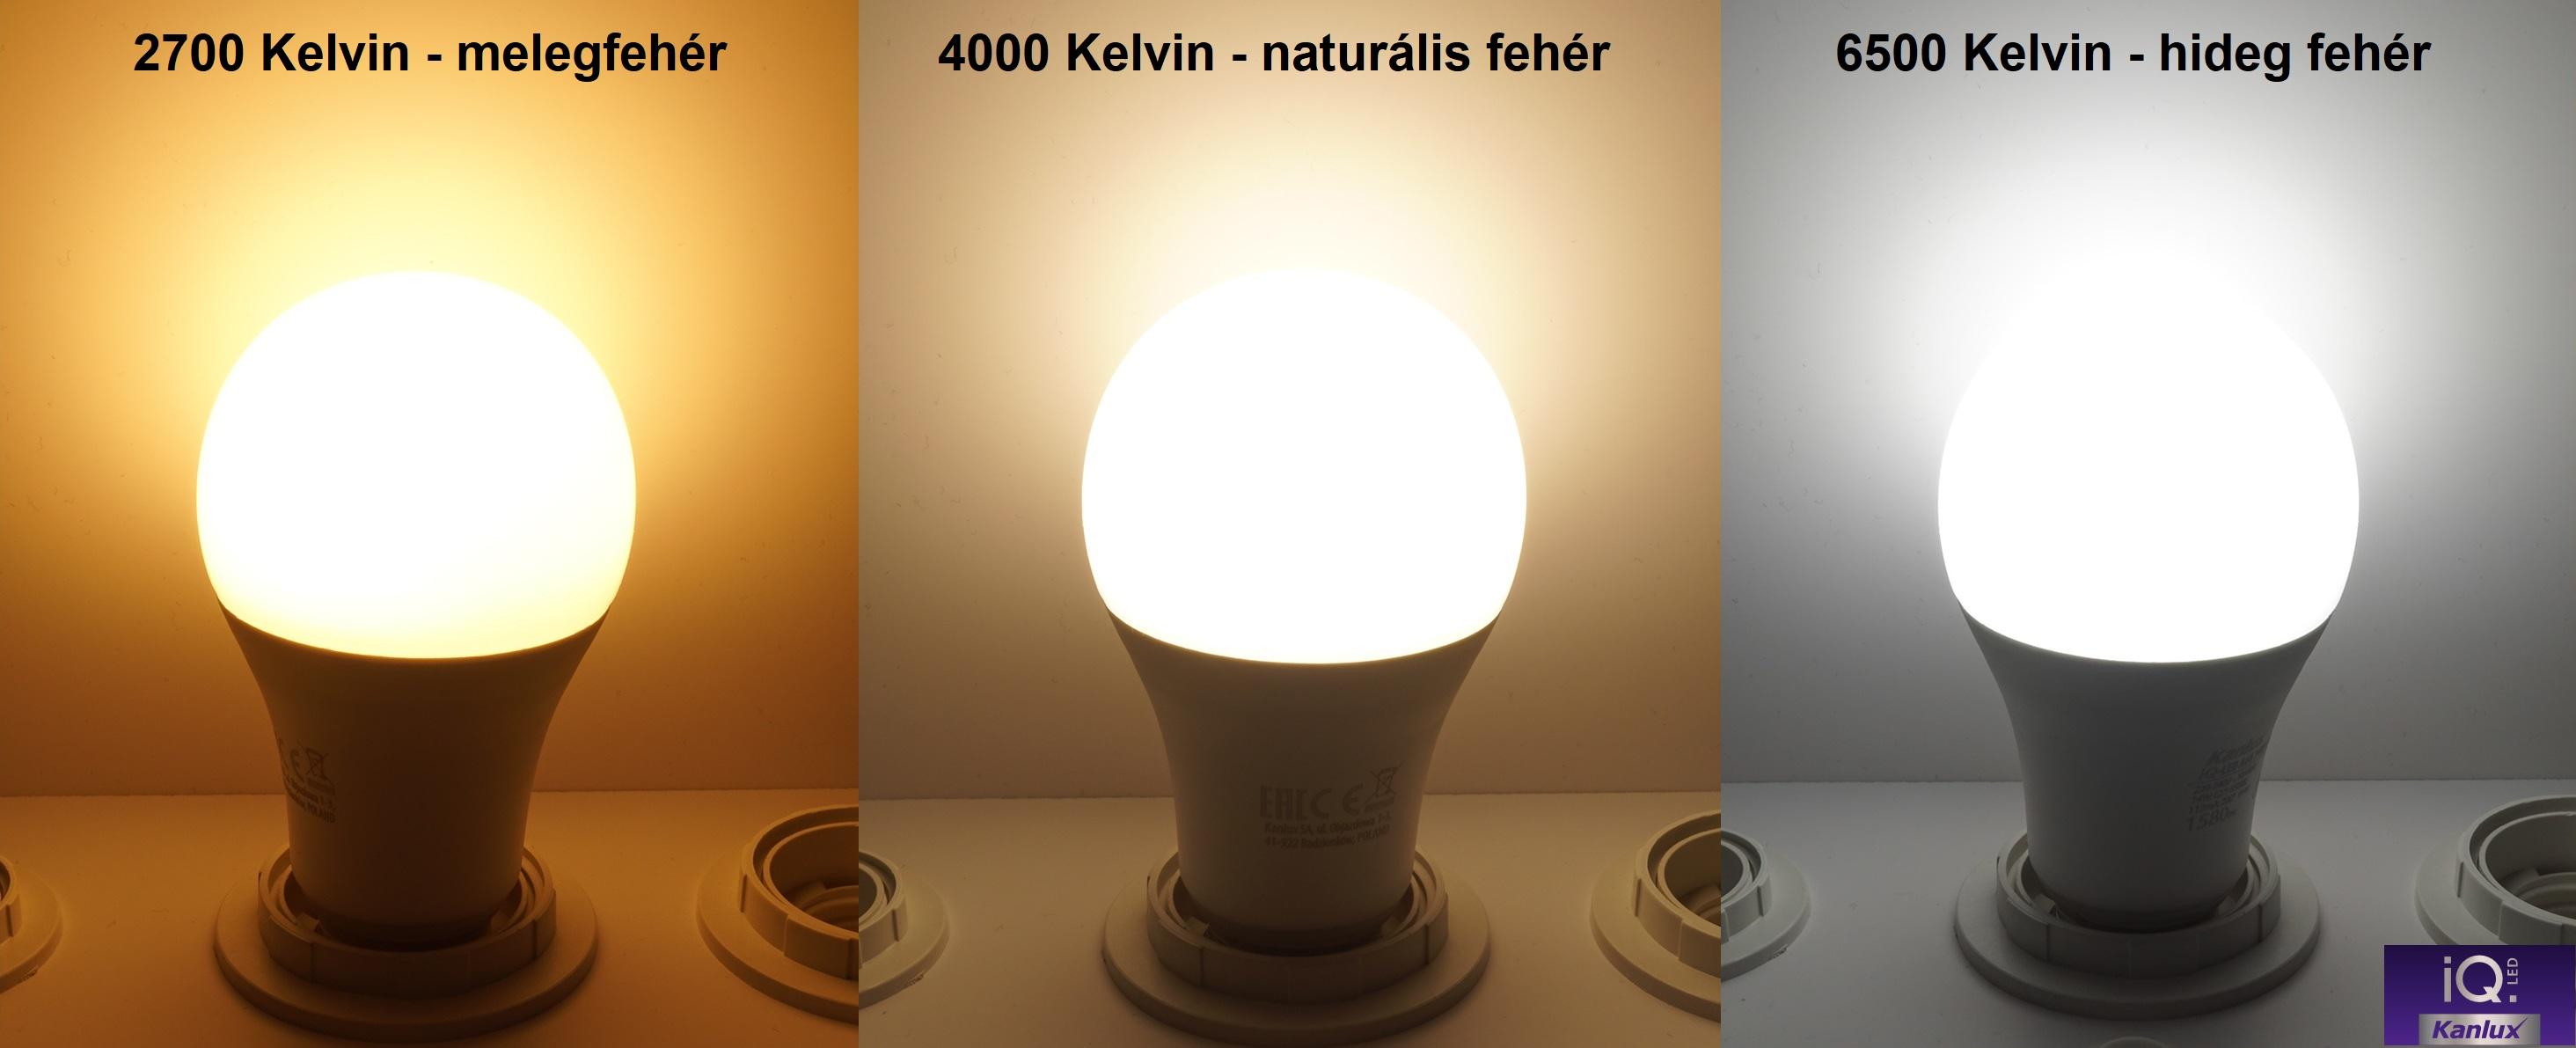 A Kanlux IQ LED izzók fényének színhőmérséklete: 2700 Kelvin melegfehér, 4000 Kelvin természetes fehér, 6500 Kelvin hidegfehér